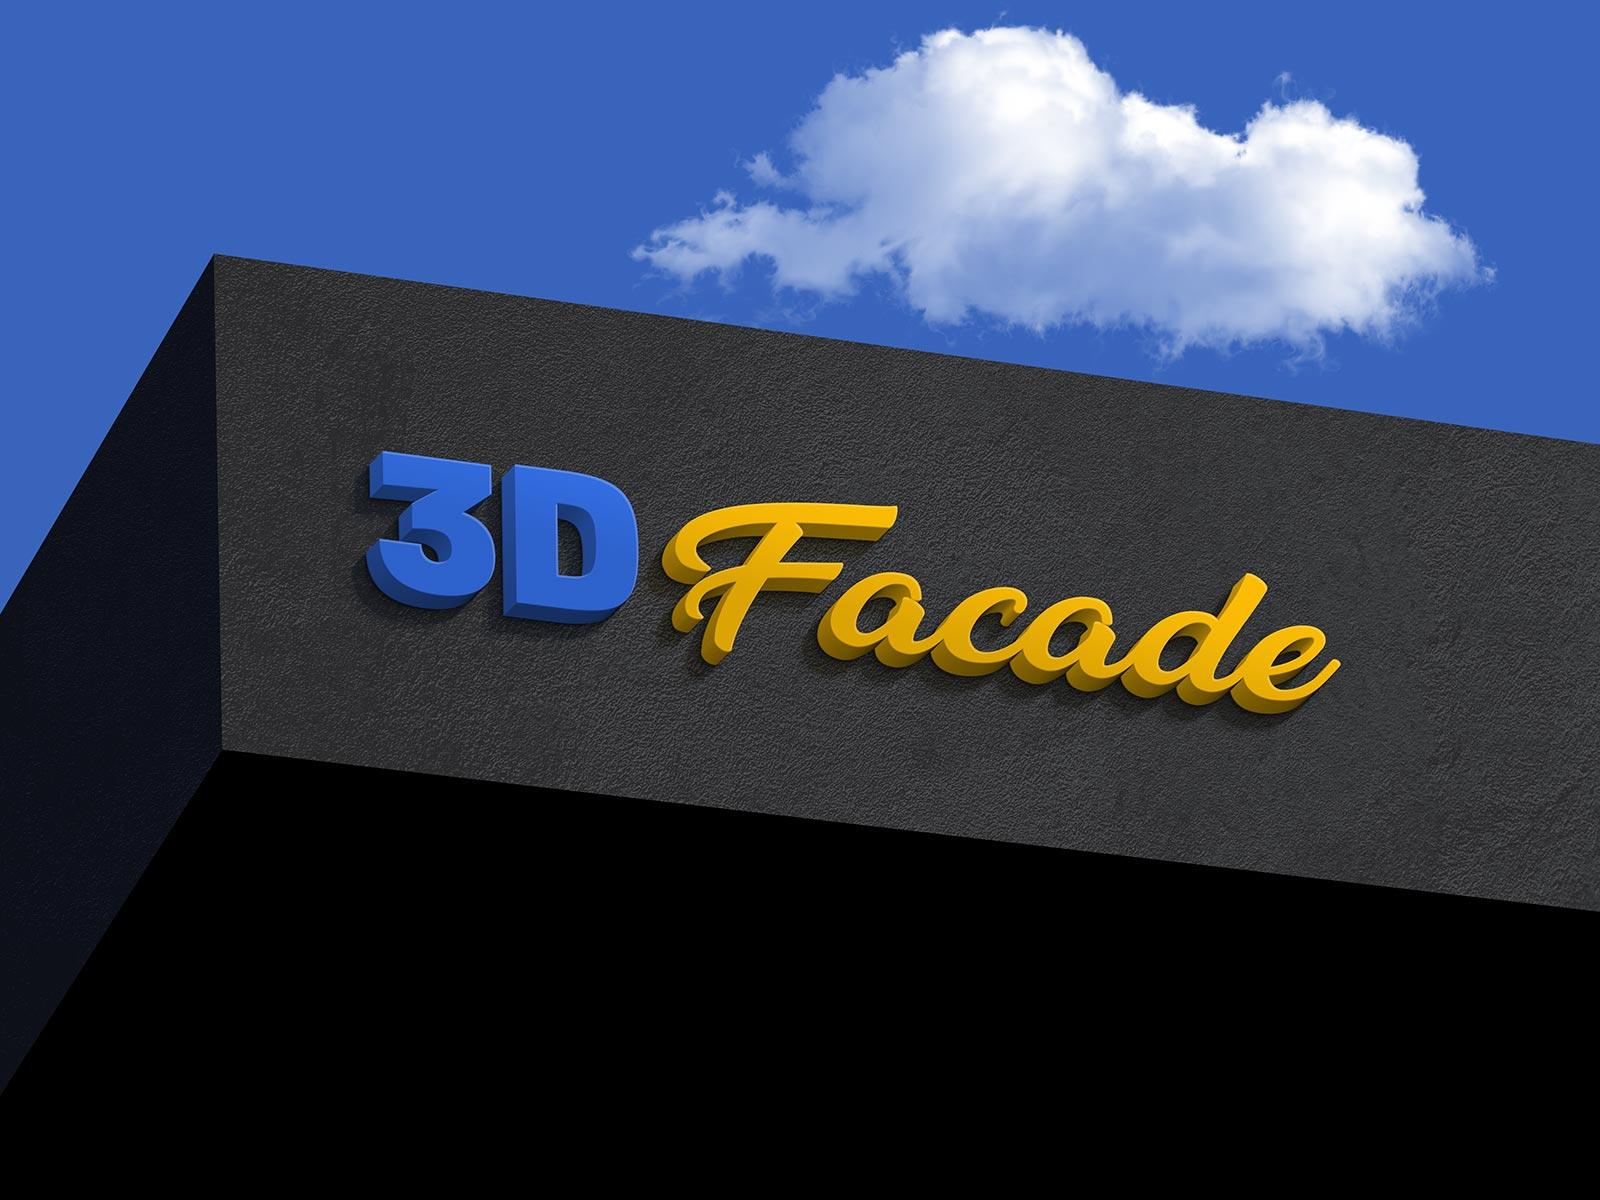 Free-Facade-Shop-Sign-3D-Logo-Mockup-PSD